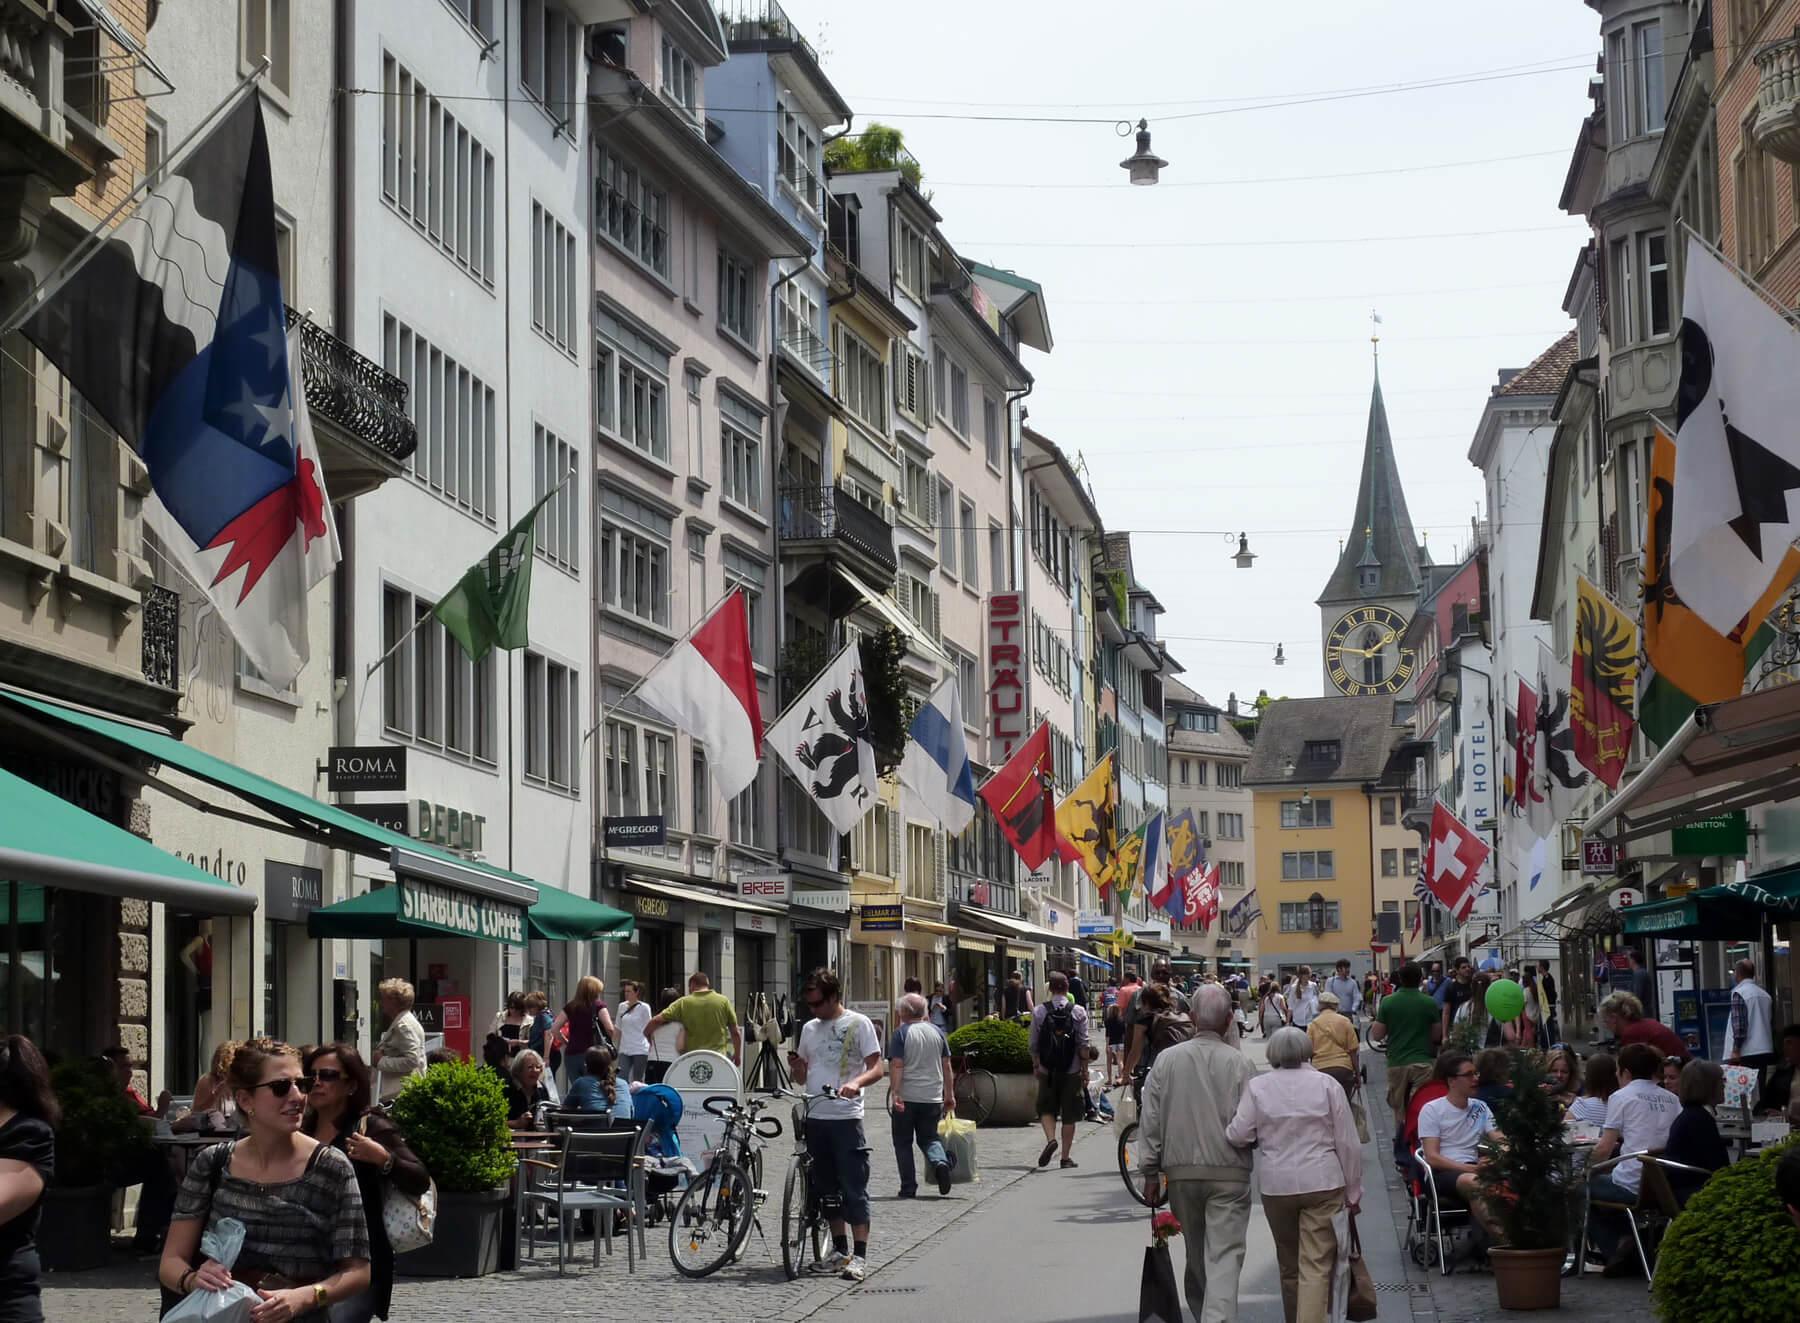 Магазины на улице Банхофштрассе